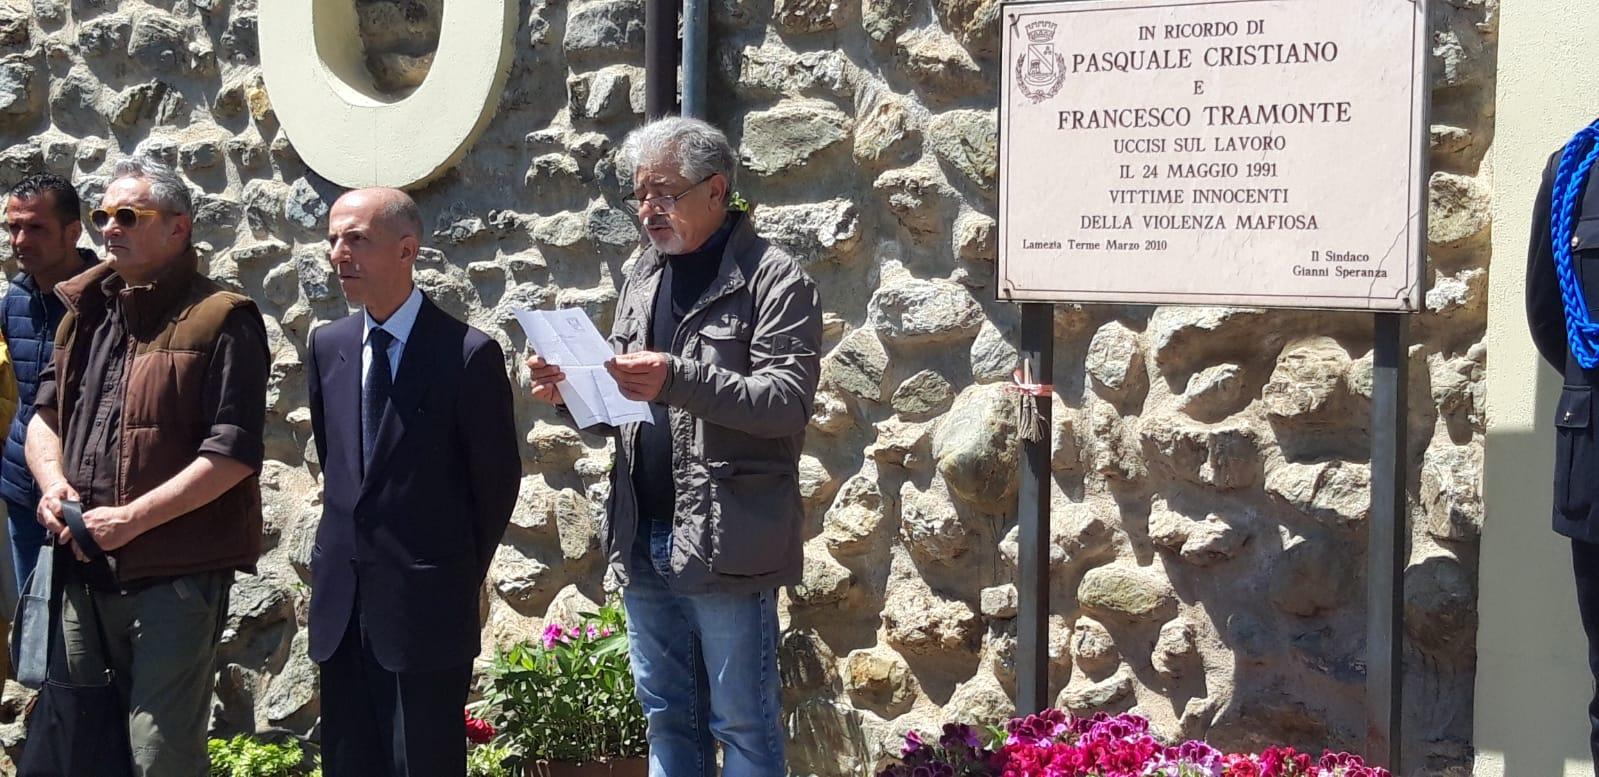 FOTO – Lamezia Terme commemora Pasquale Cristiano e Francesco Tramonte 28 anni dopo il loro omicidio